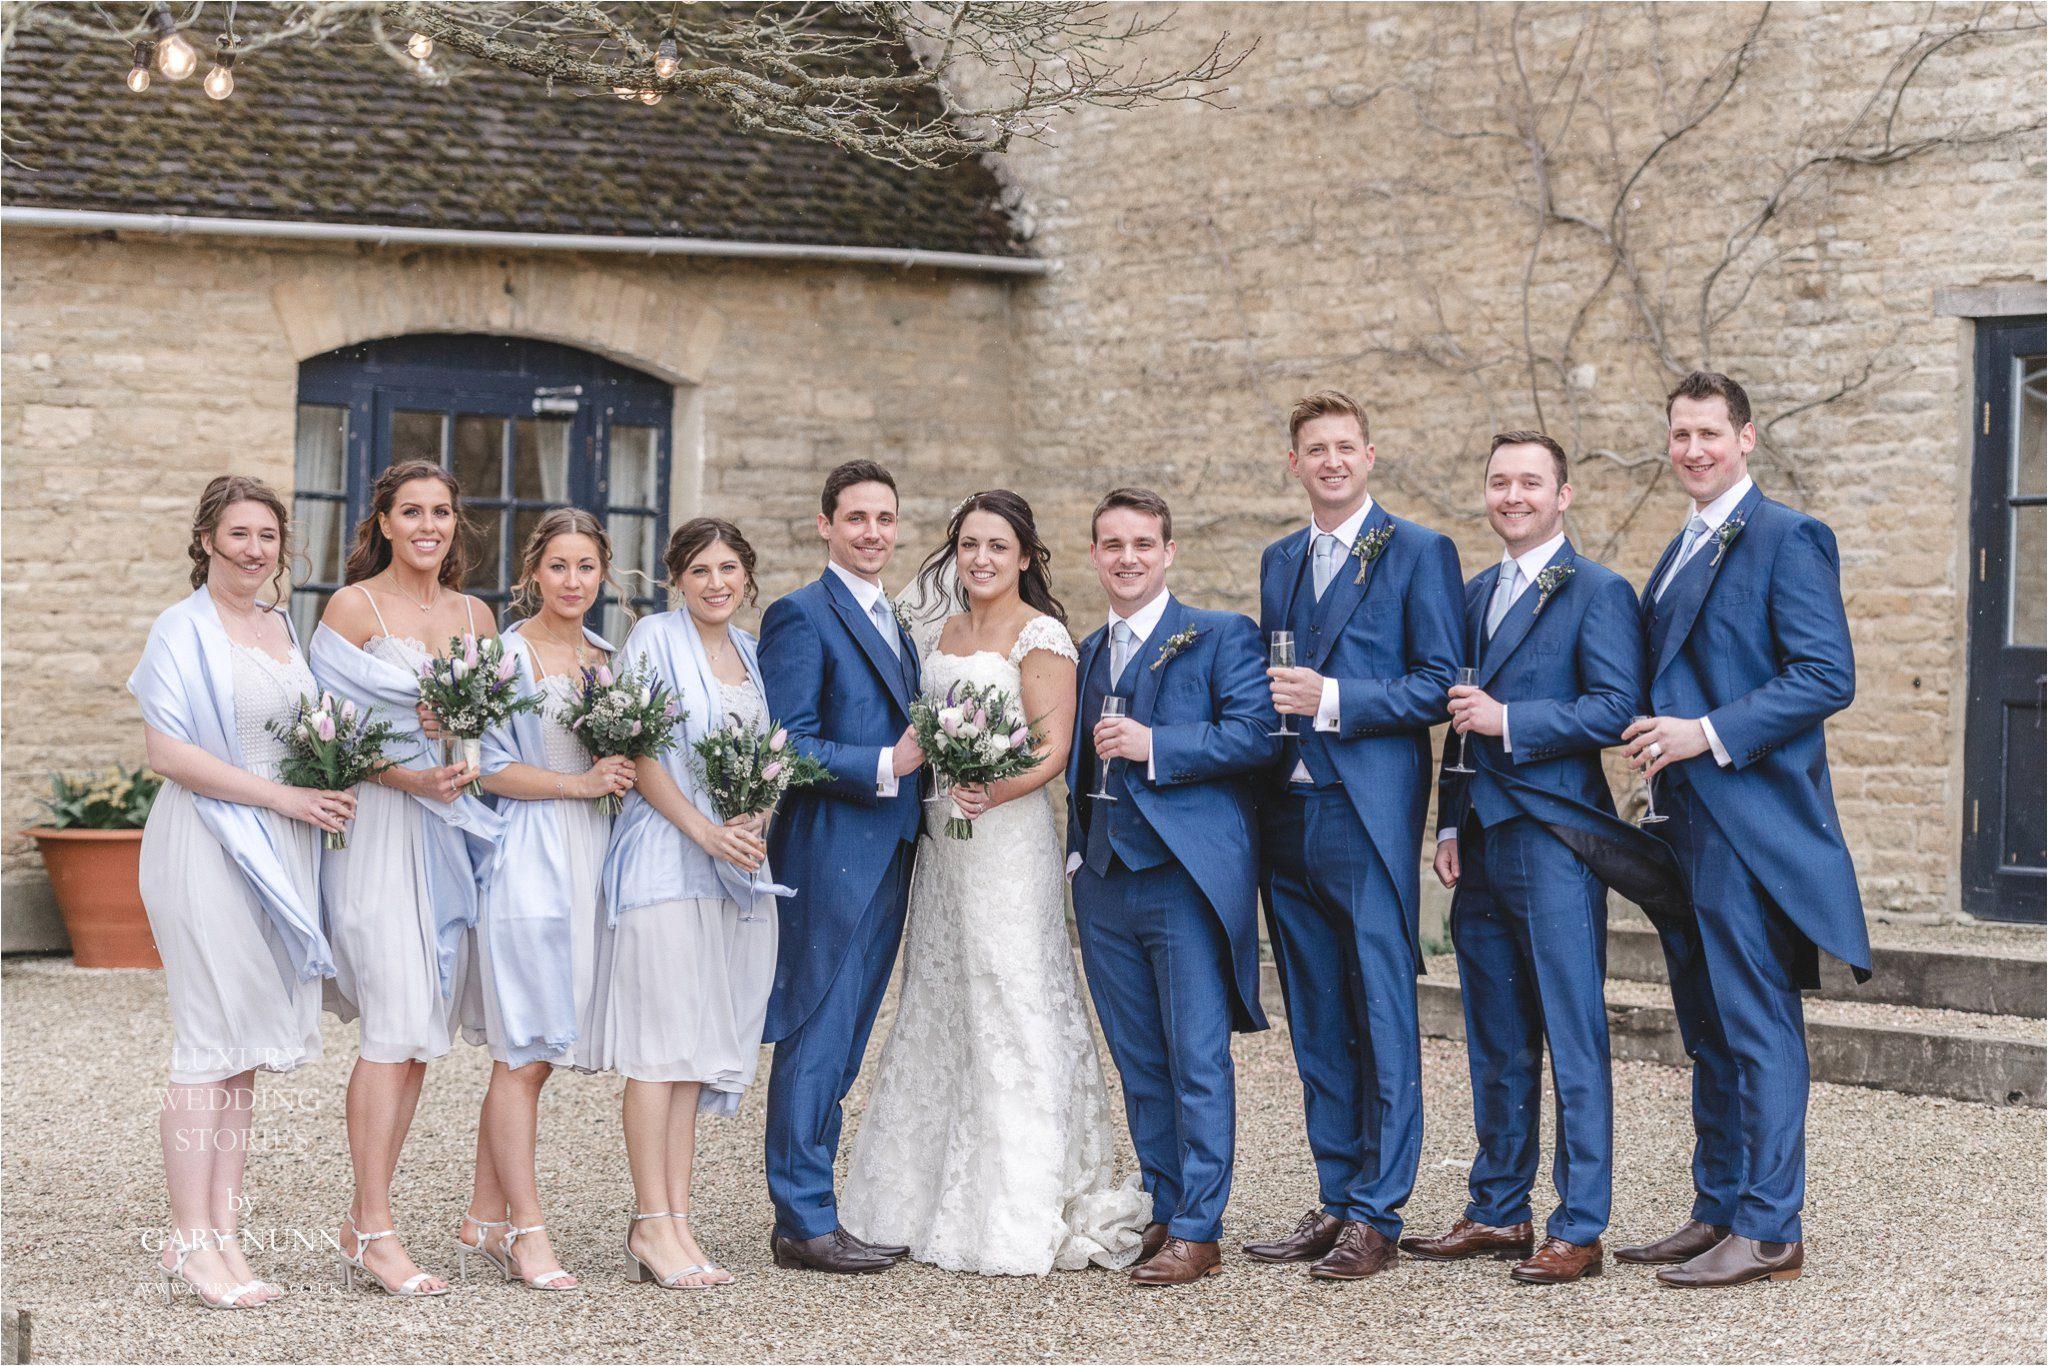 merriscourt, Gloucester wedding photographer